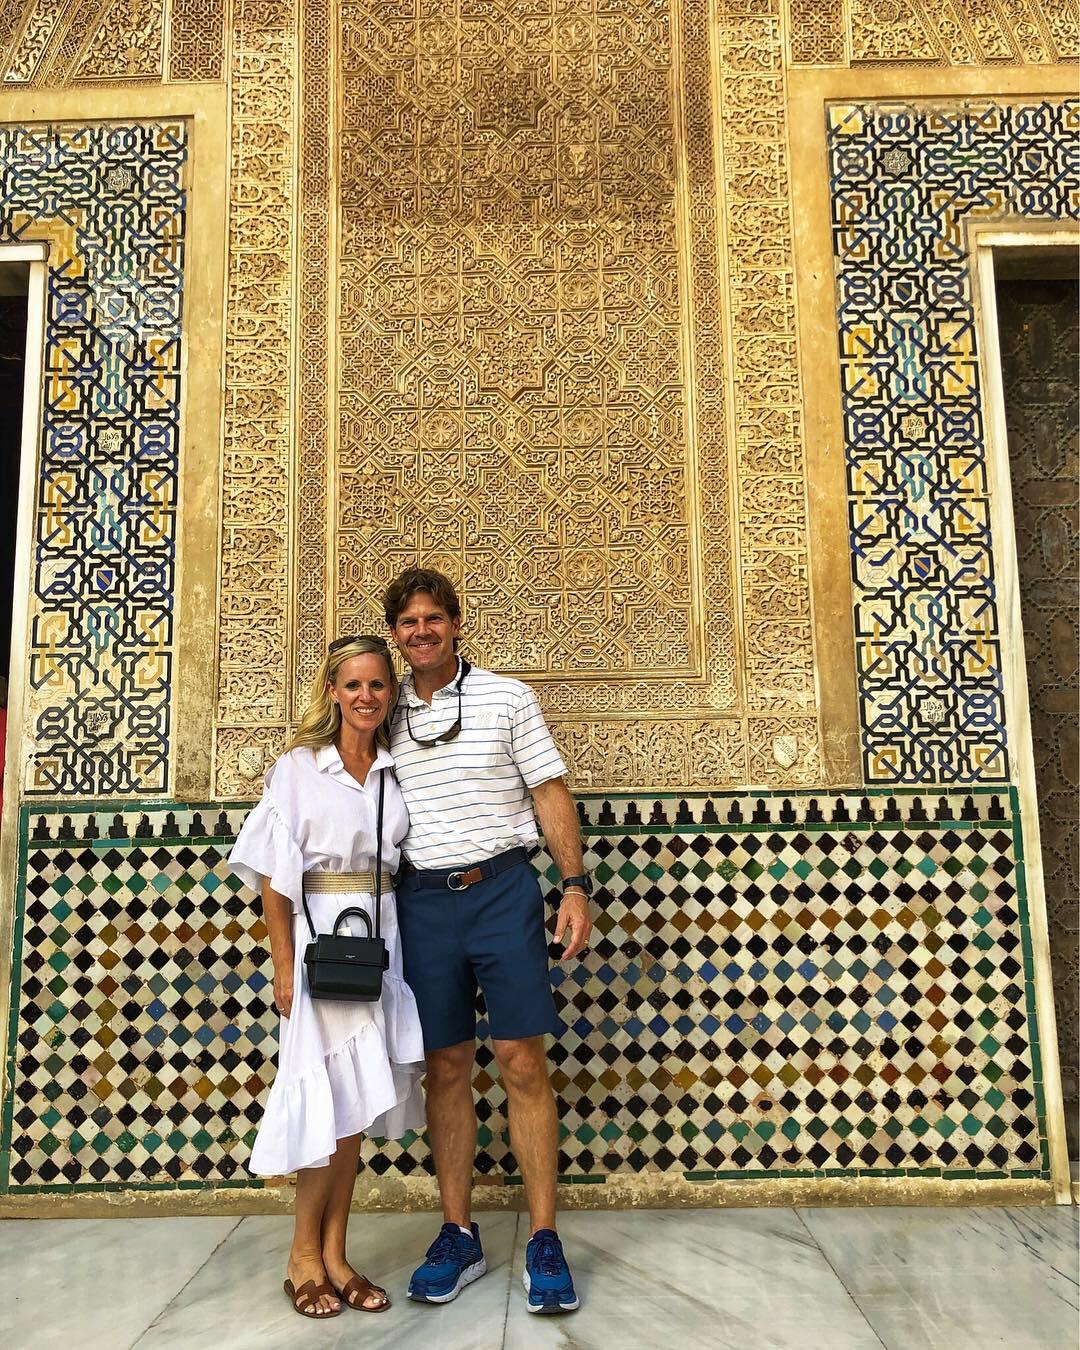 La Alhambra, Alicia Wood, Dallas Lifestyle Blogger, Dallas Travel Blogger, Dallas Fashion Blogger,